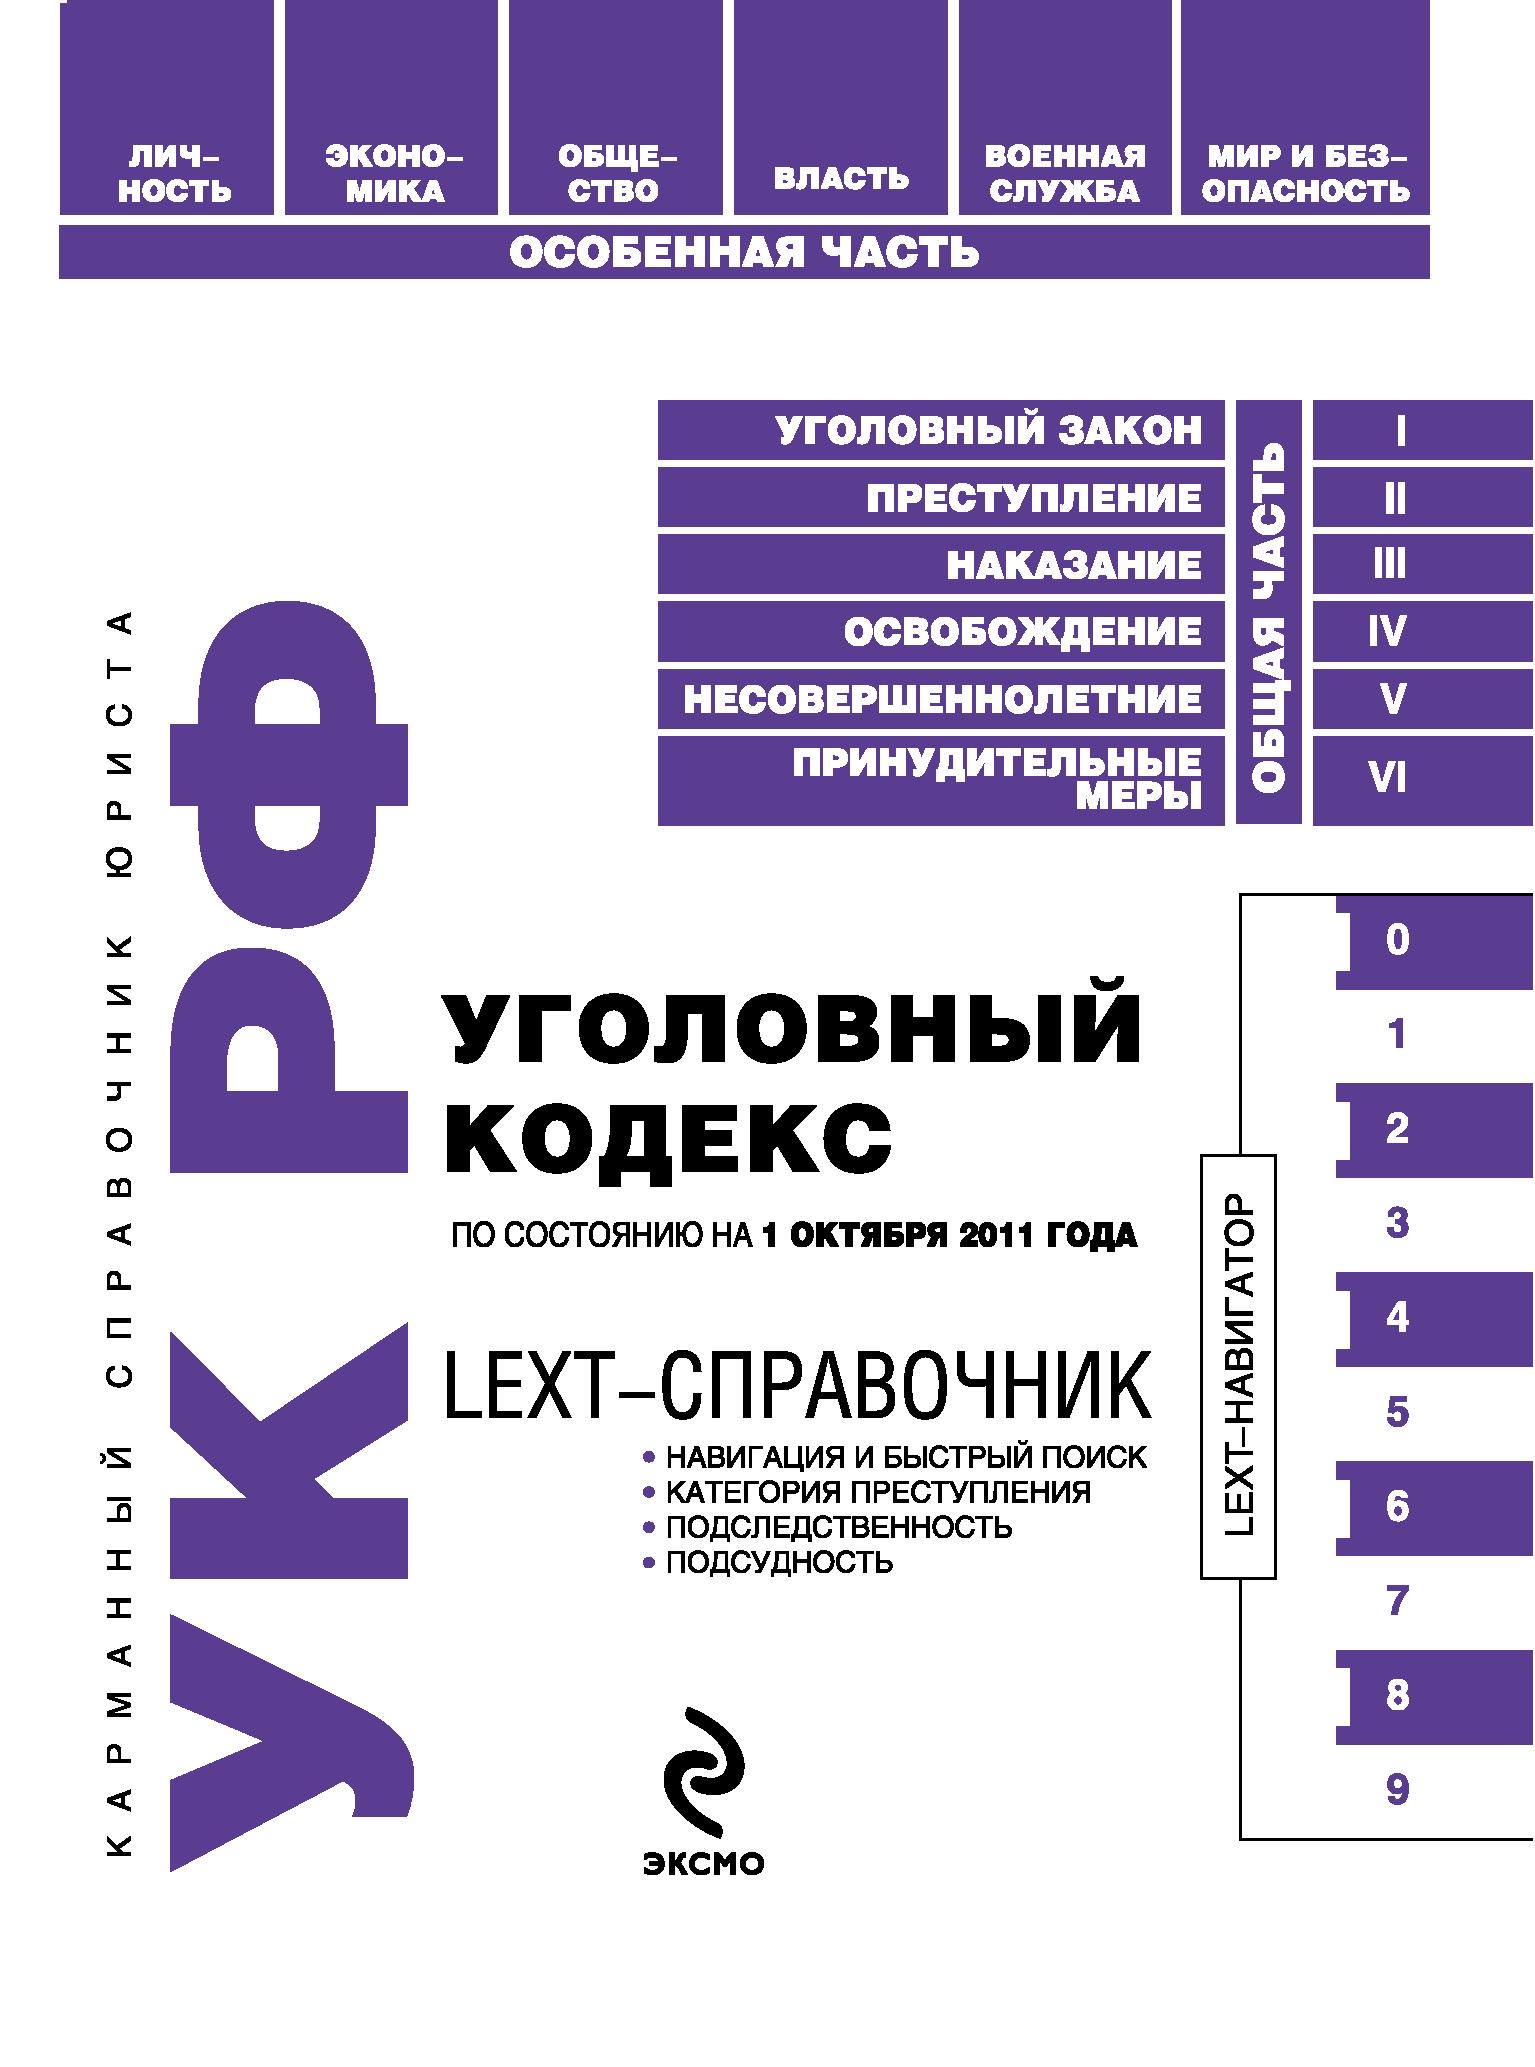 LEXT-справочник. Уголовный кодекс Российской Федерации